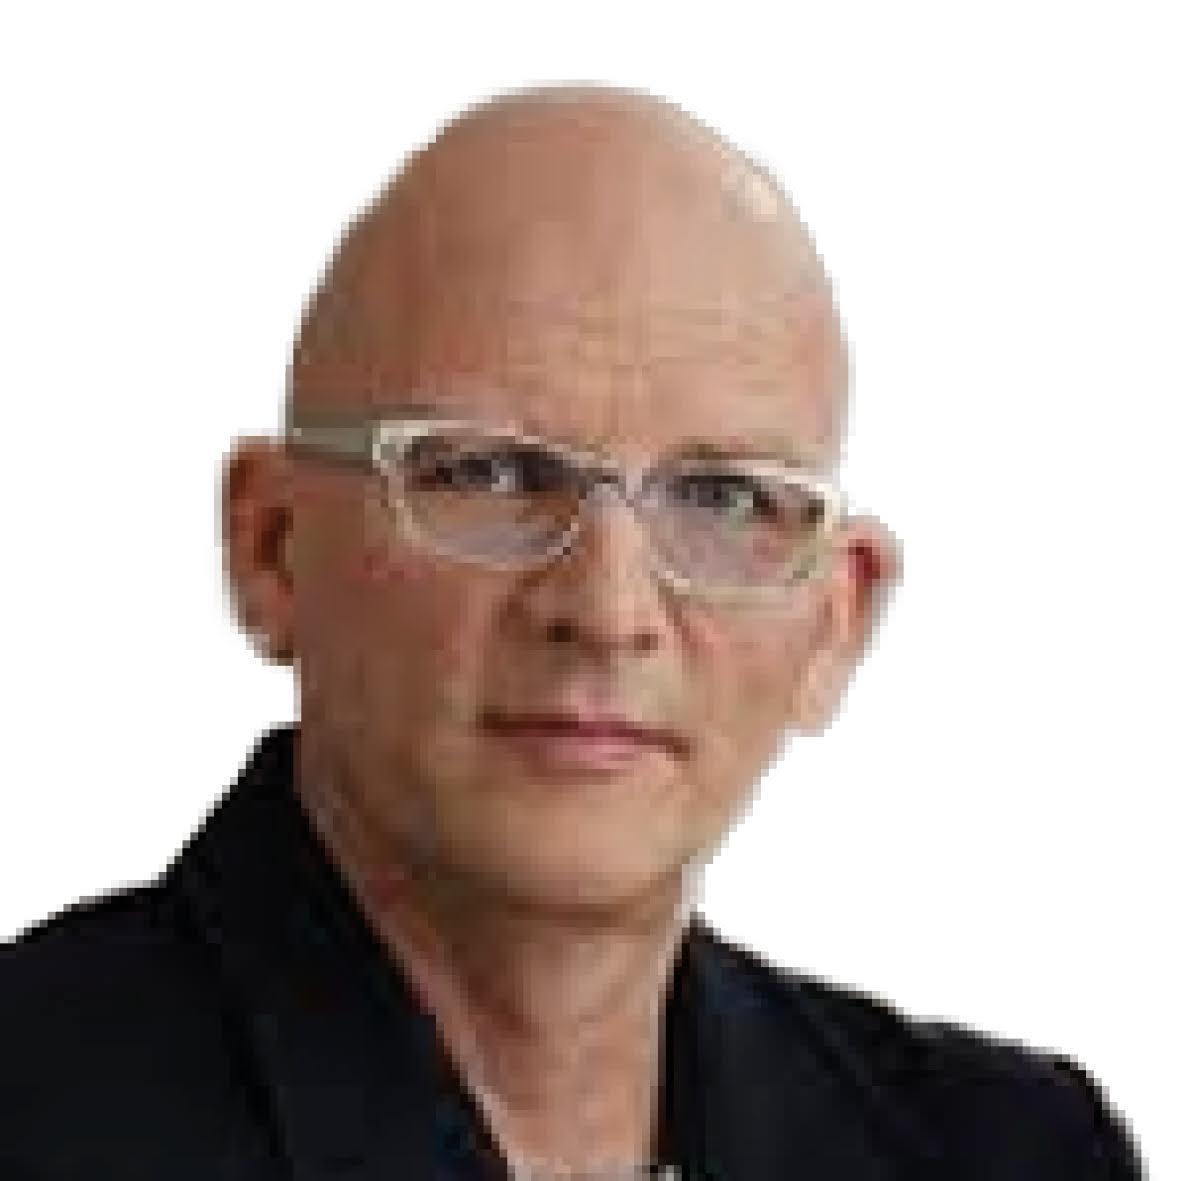 Kjell Nordstrom, Co-Founder, Funky Business, Sweden